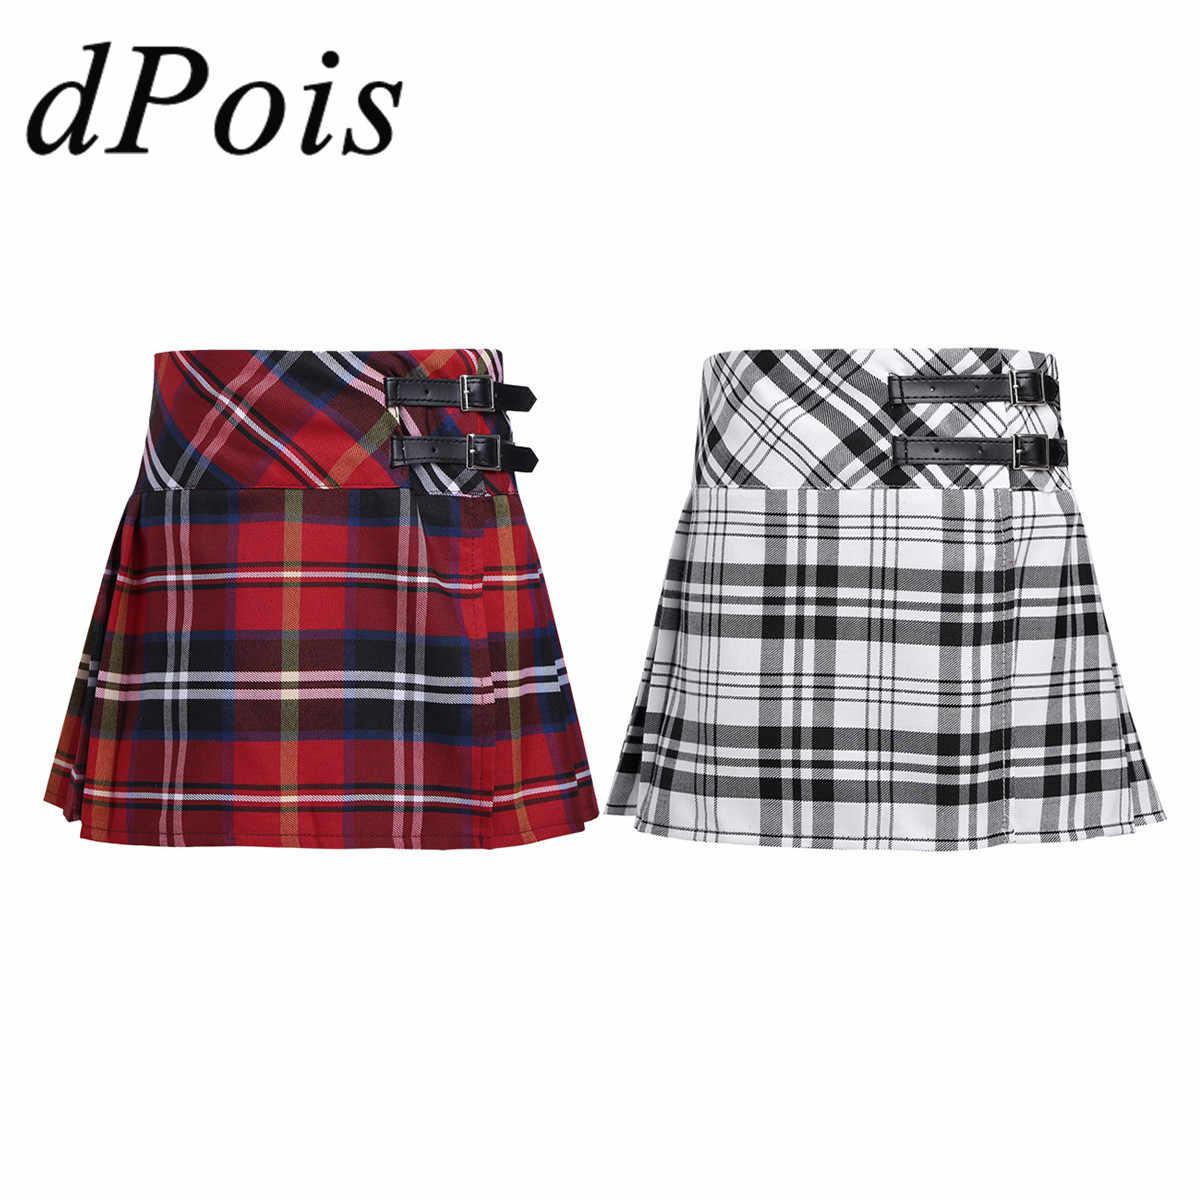 日本の女子高生制服子供タータンプリーツキルトチアリーディングスカート女の子レザーバックルストラップスカートクラススカート